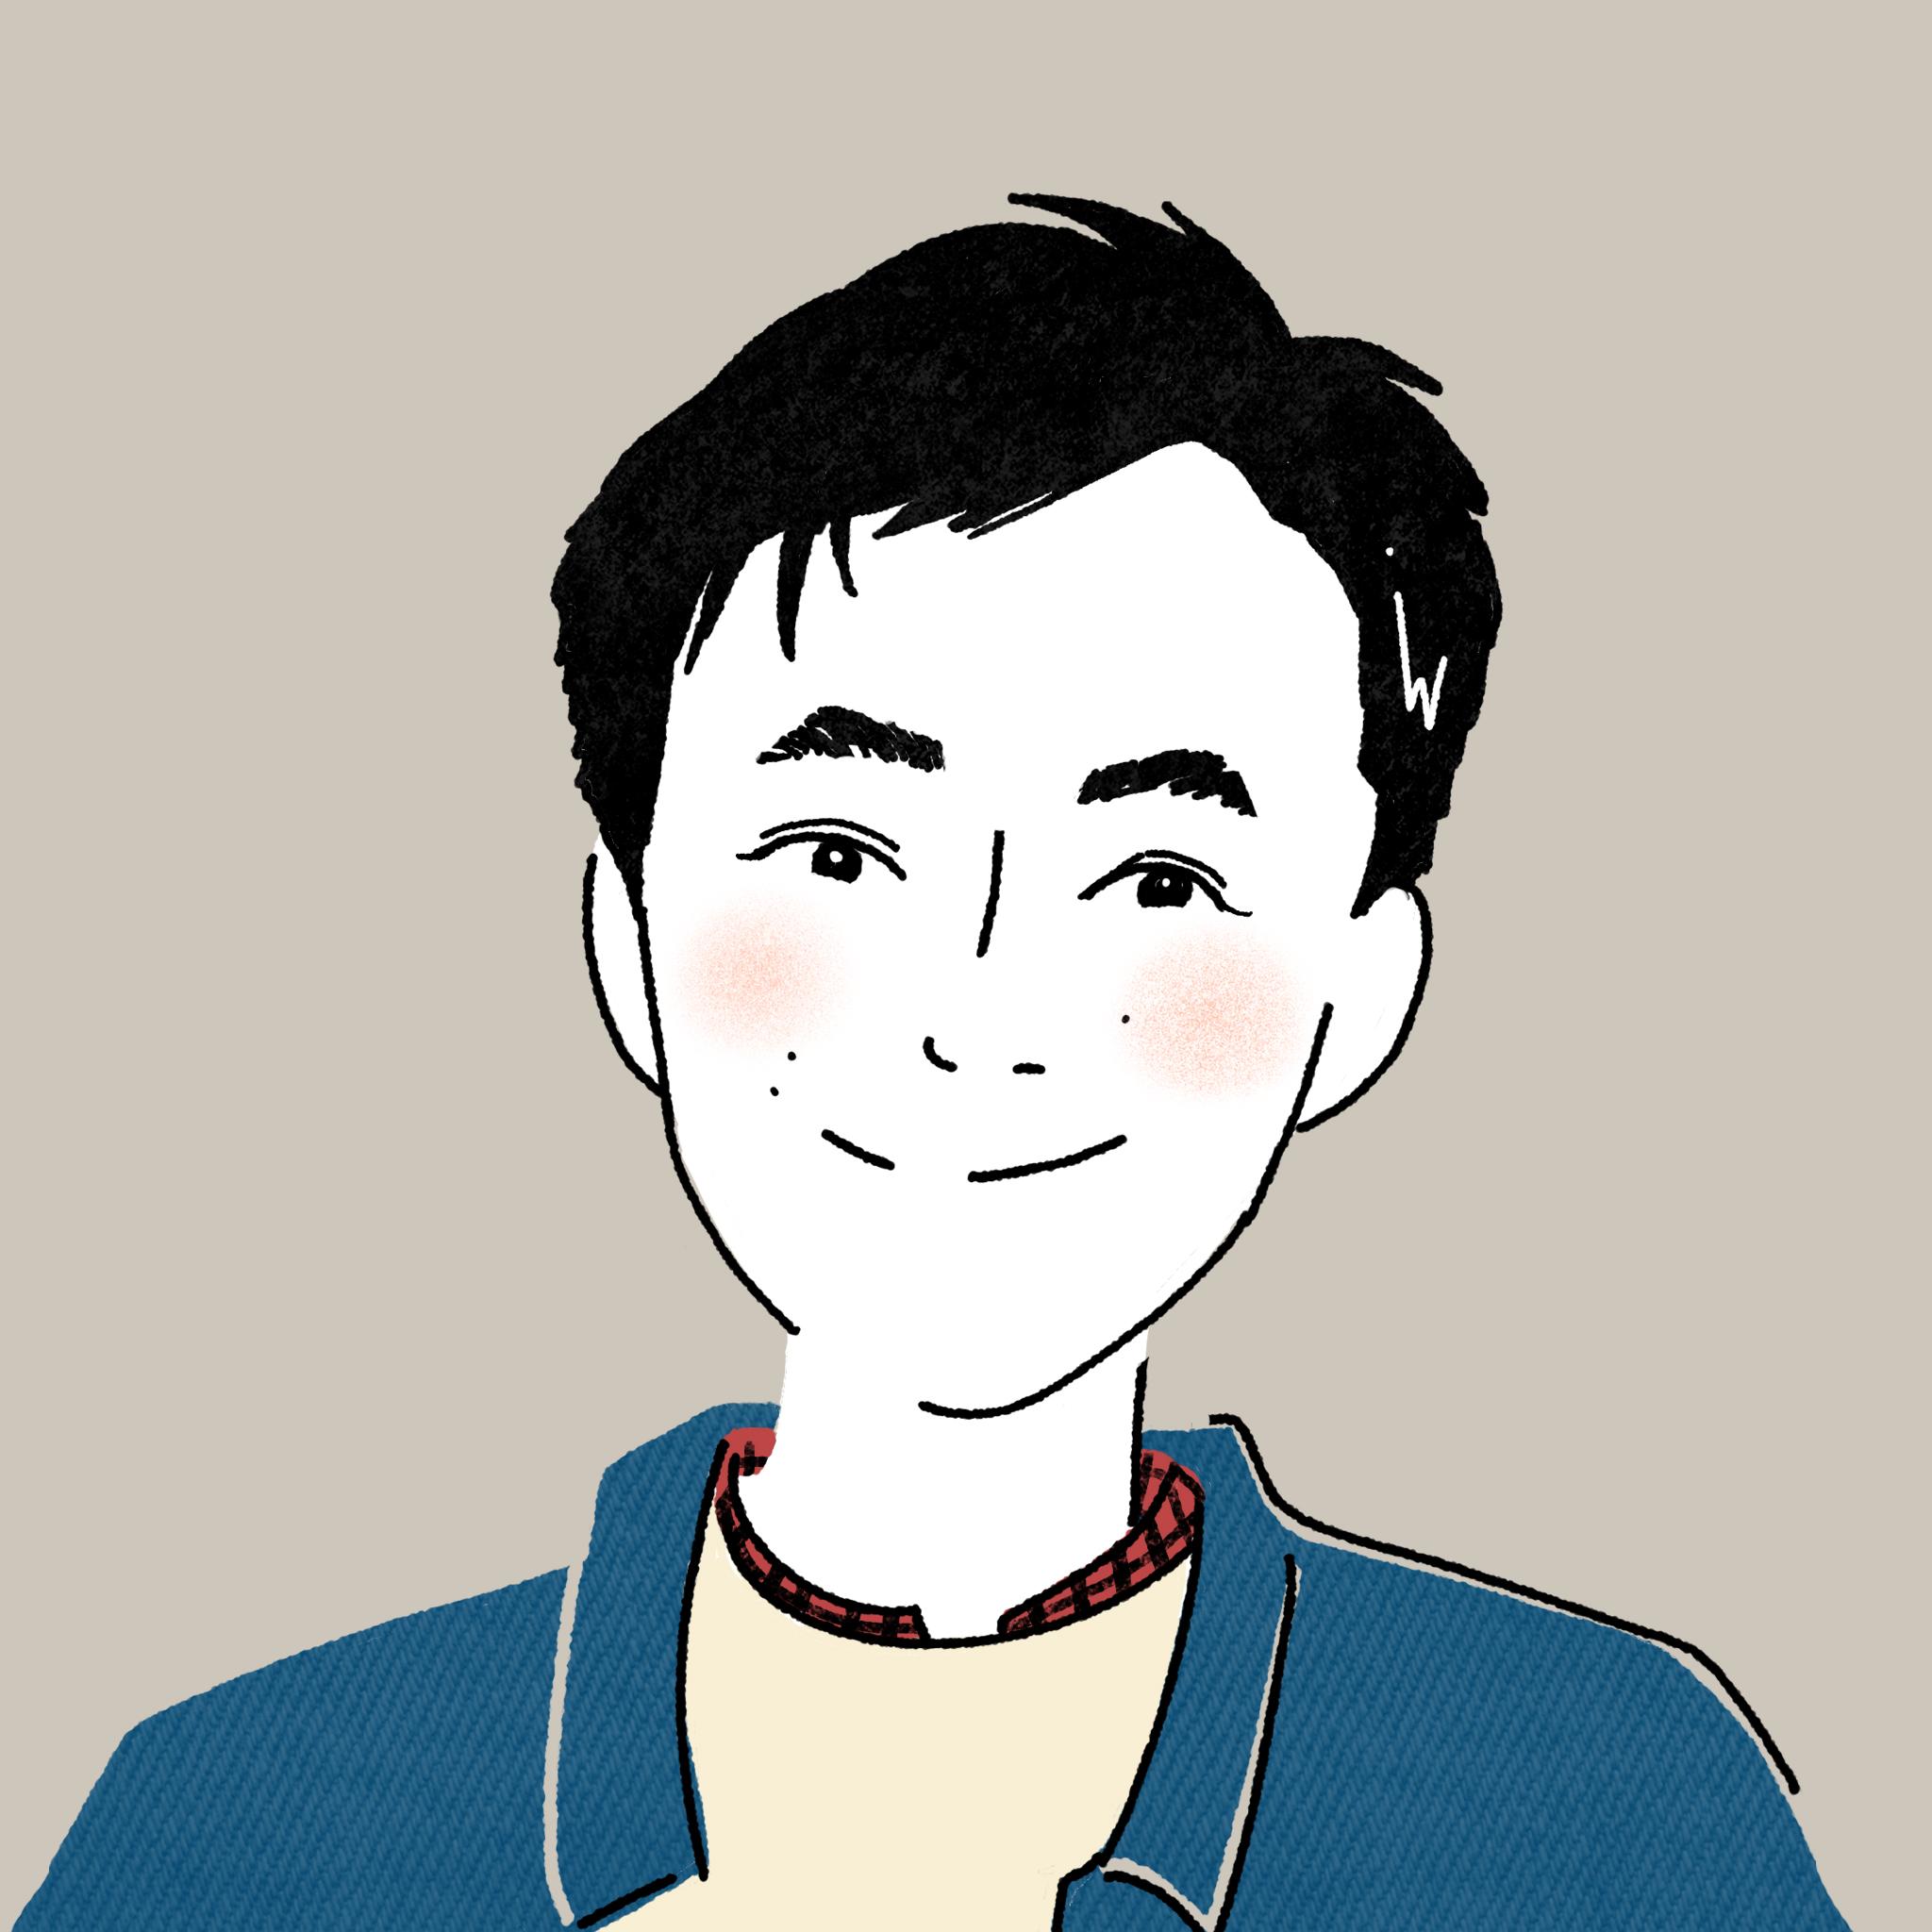 橋本 涼太郎